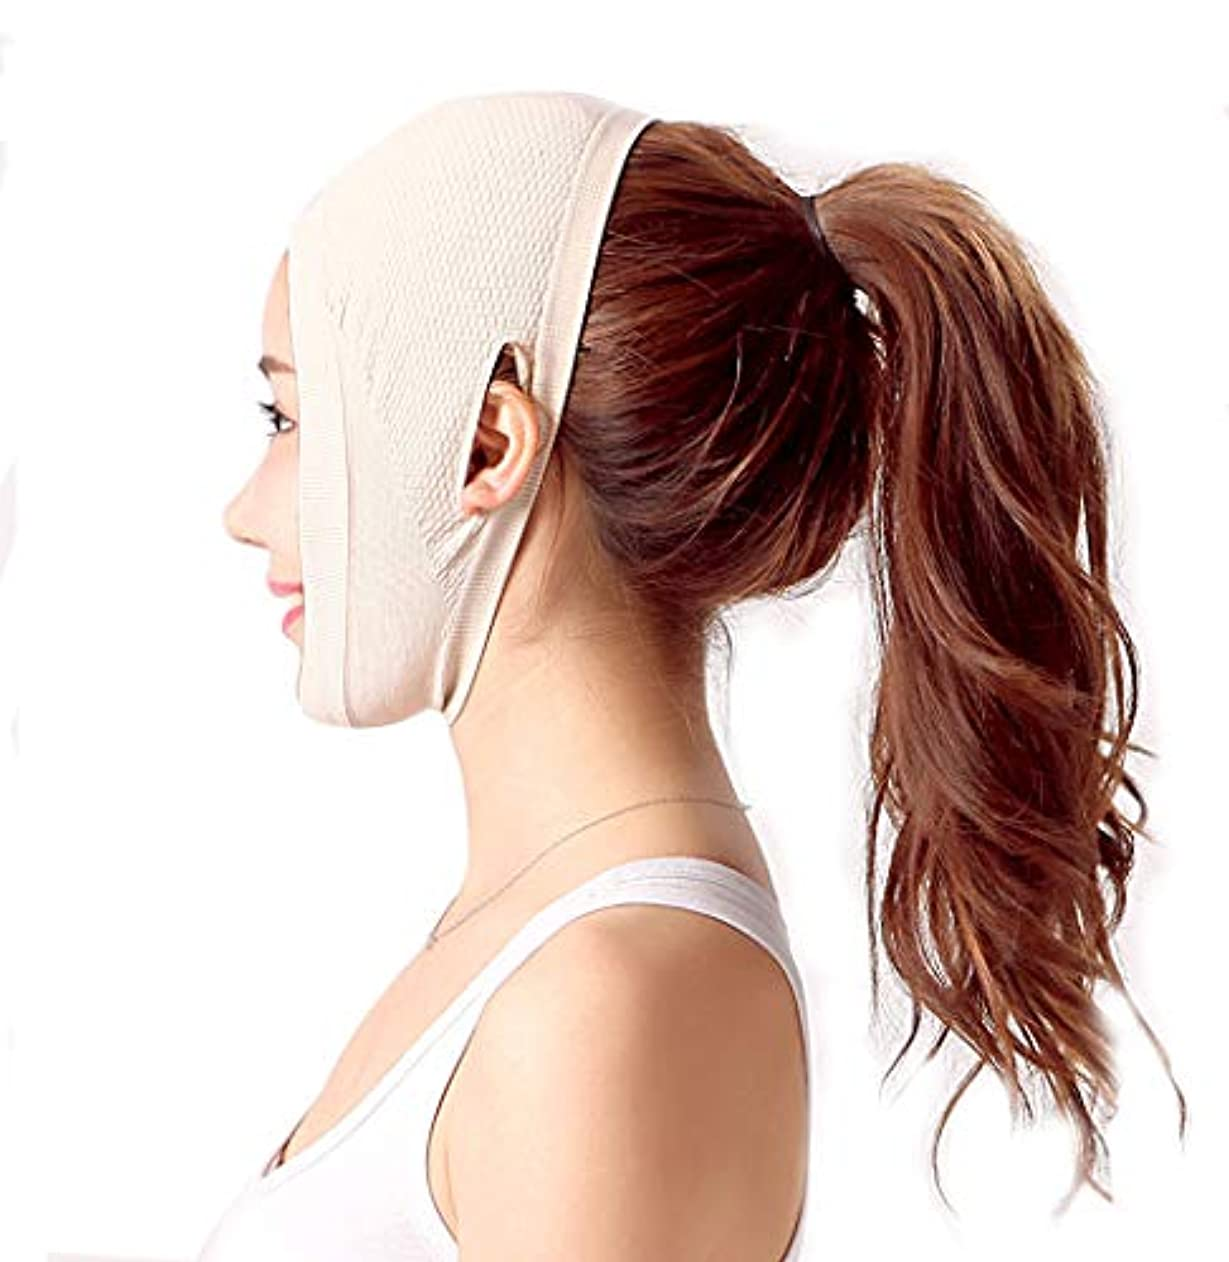 眠っているラベ眠っているV顔リフティング包帯薄いフェイスマスクを眠っている整形手術病院ライン彫刻術後回復ヘッドギア医療マスク (Color : Skin tone(A))